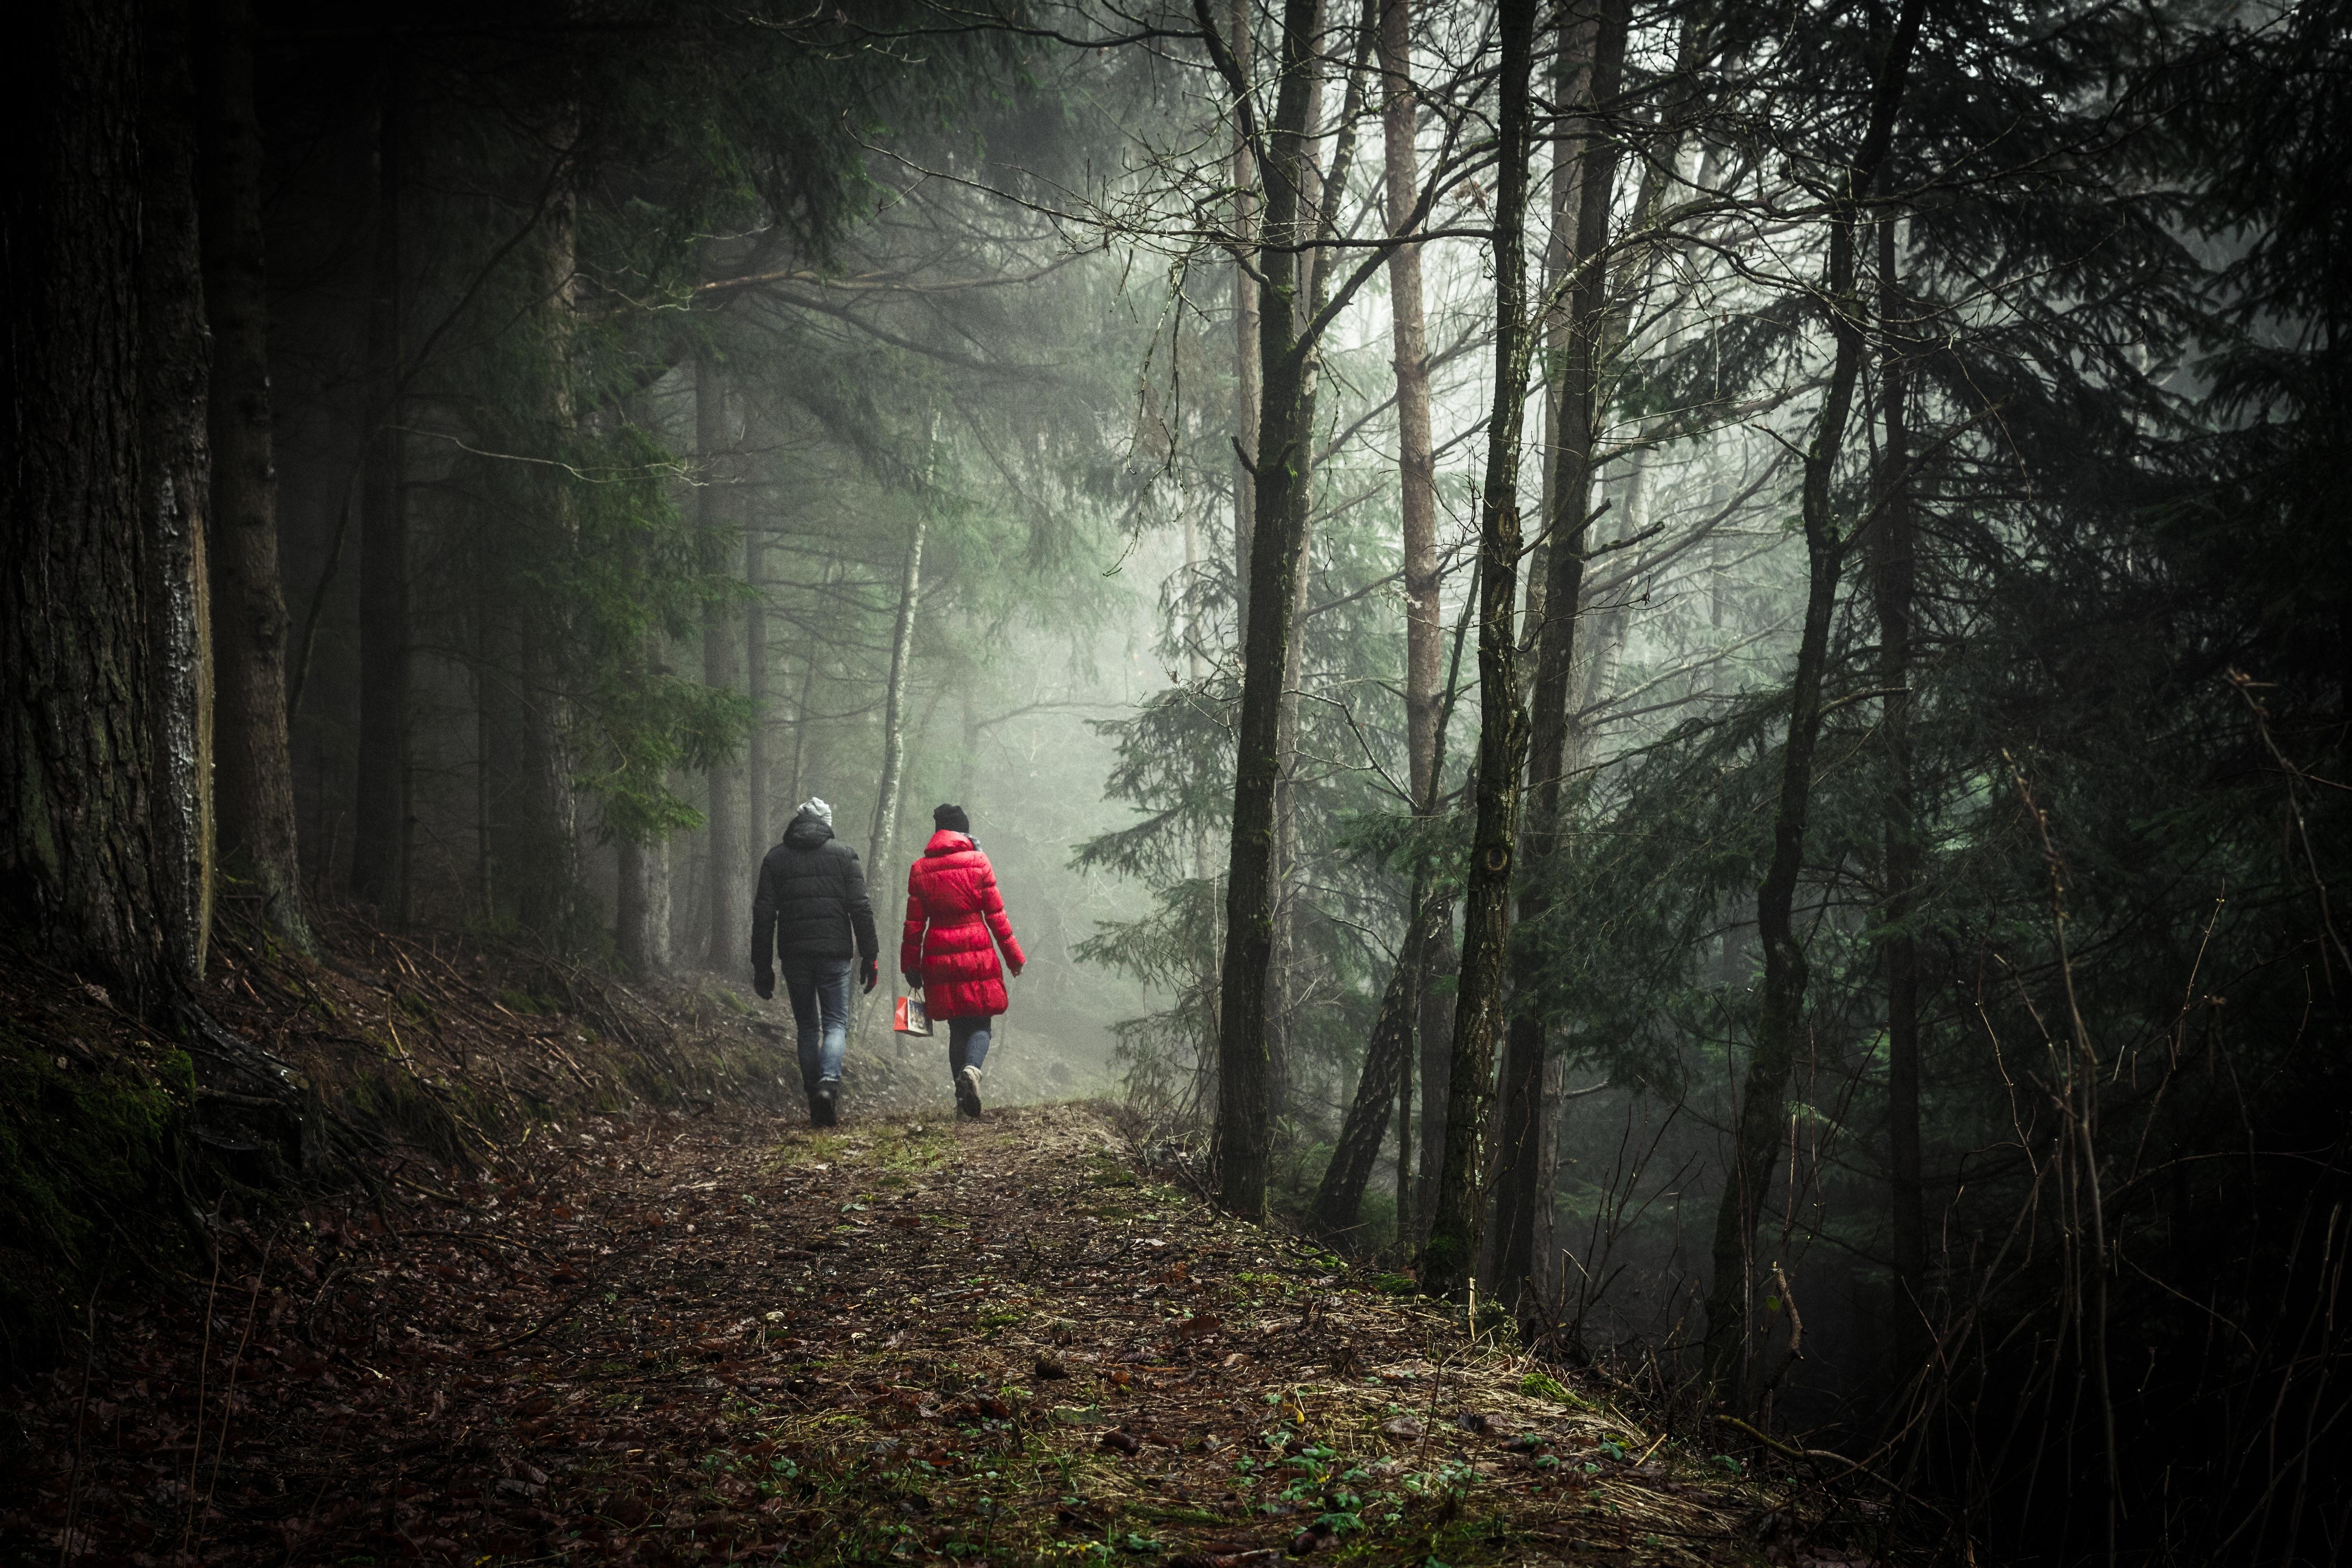 видео парочка пошла погулять в лес - 8